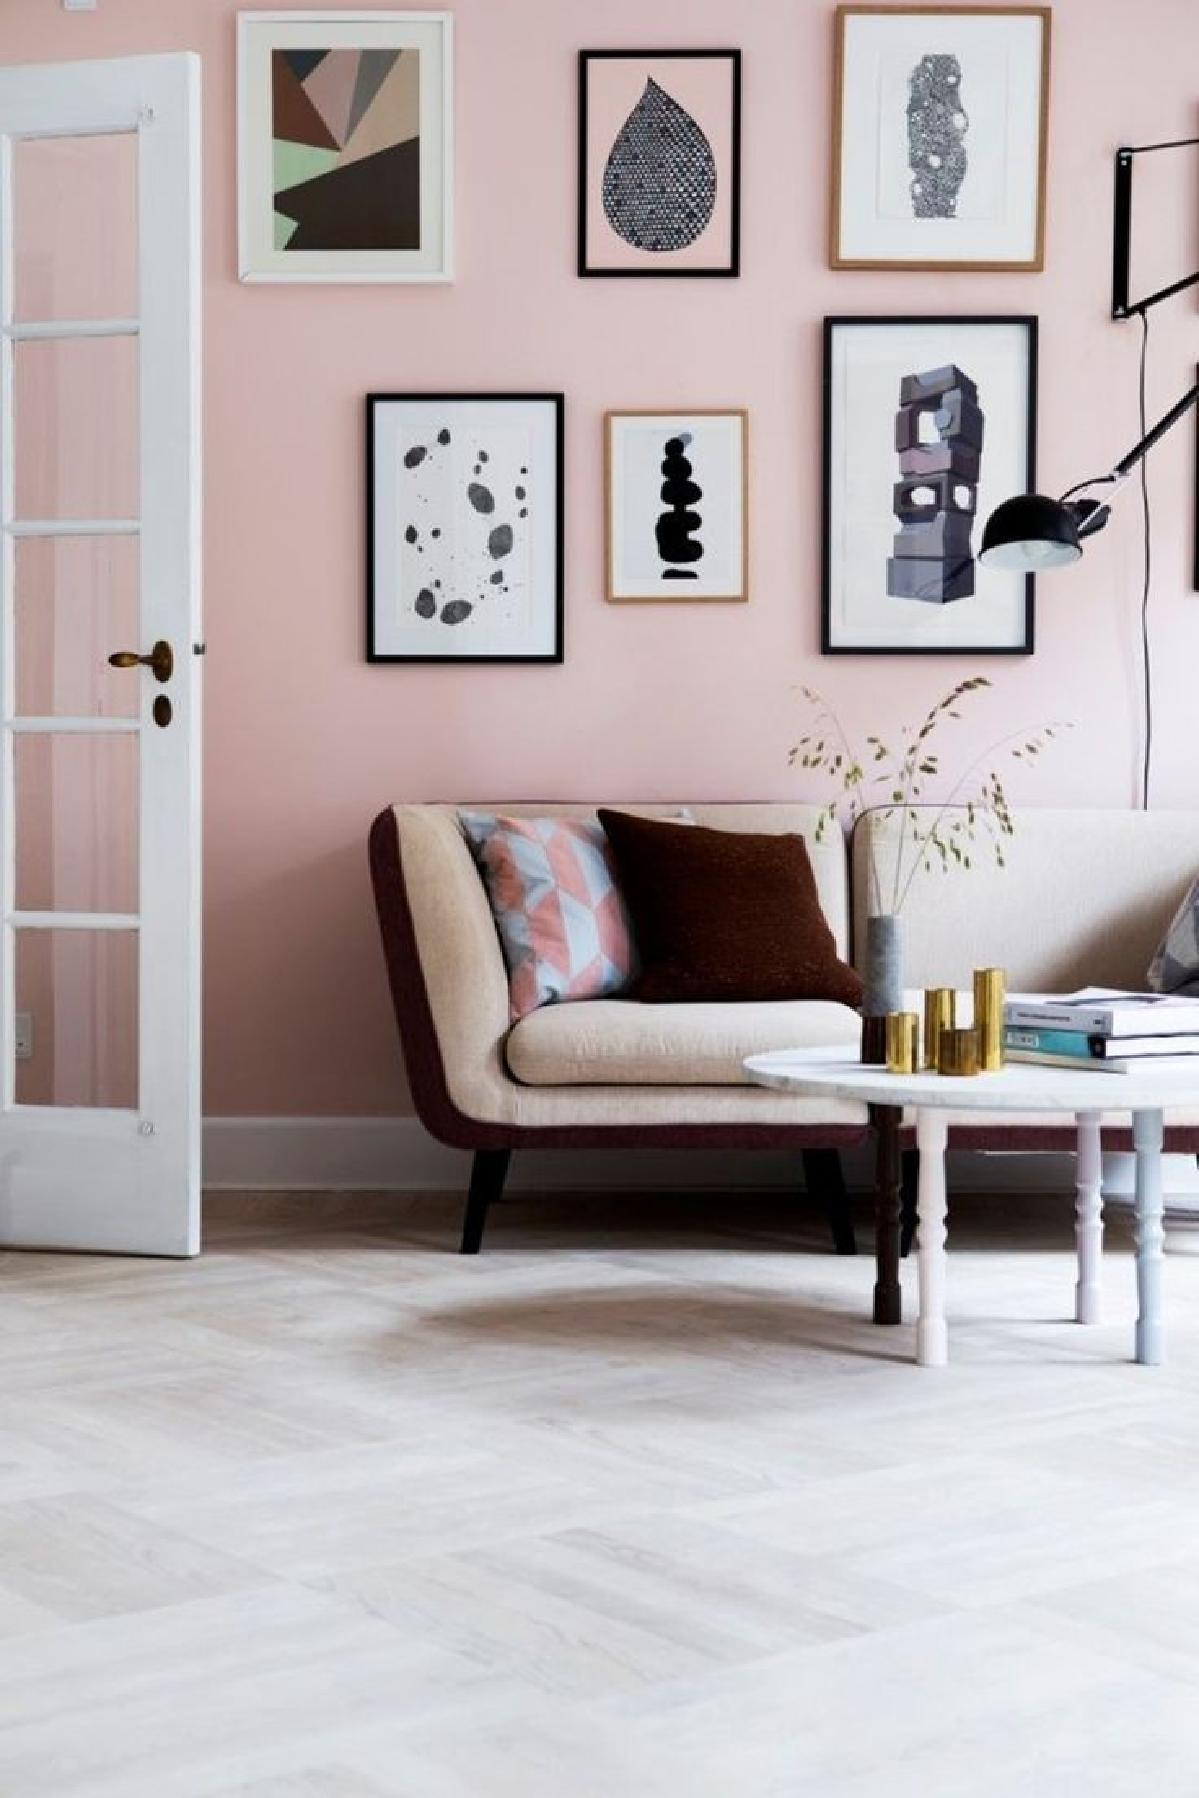 不要为一种色调搭配搭配,搭配不同色调的粉红色的高档外观。选择你最喜欢的粉红色的色调,并将其混合在紫红色或粉红色的粉红色的不同形状和装饰配件中。这将创造一个全新而独特的房间。